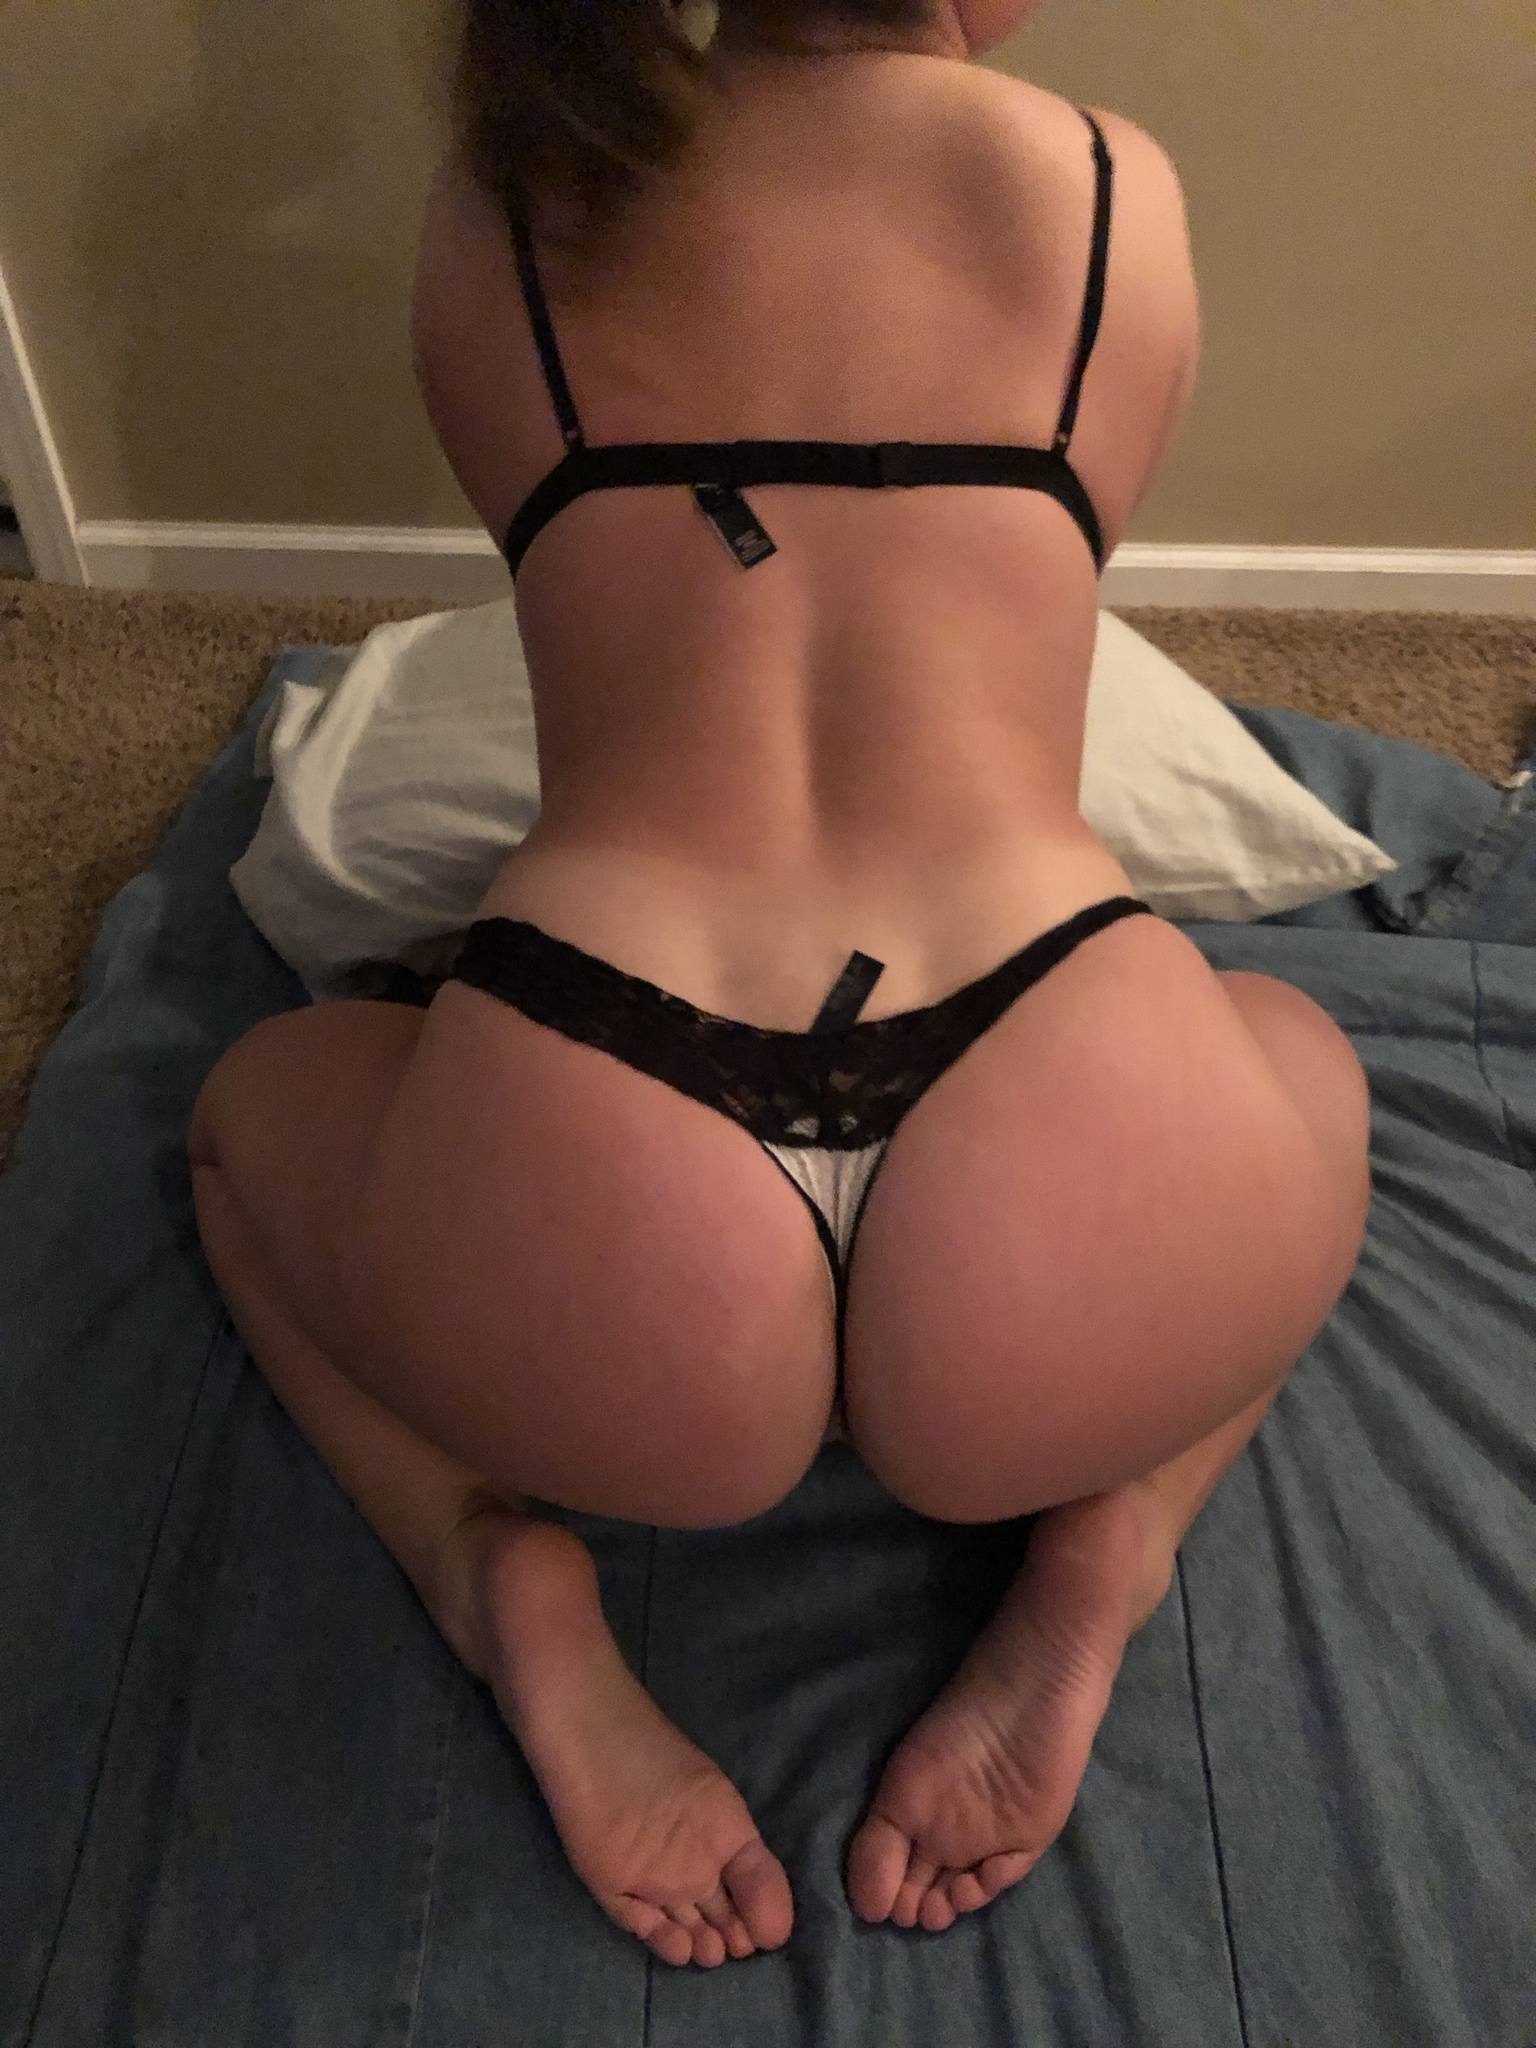 Reddit find porn